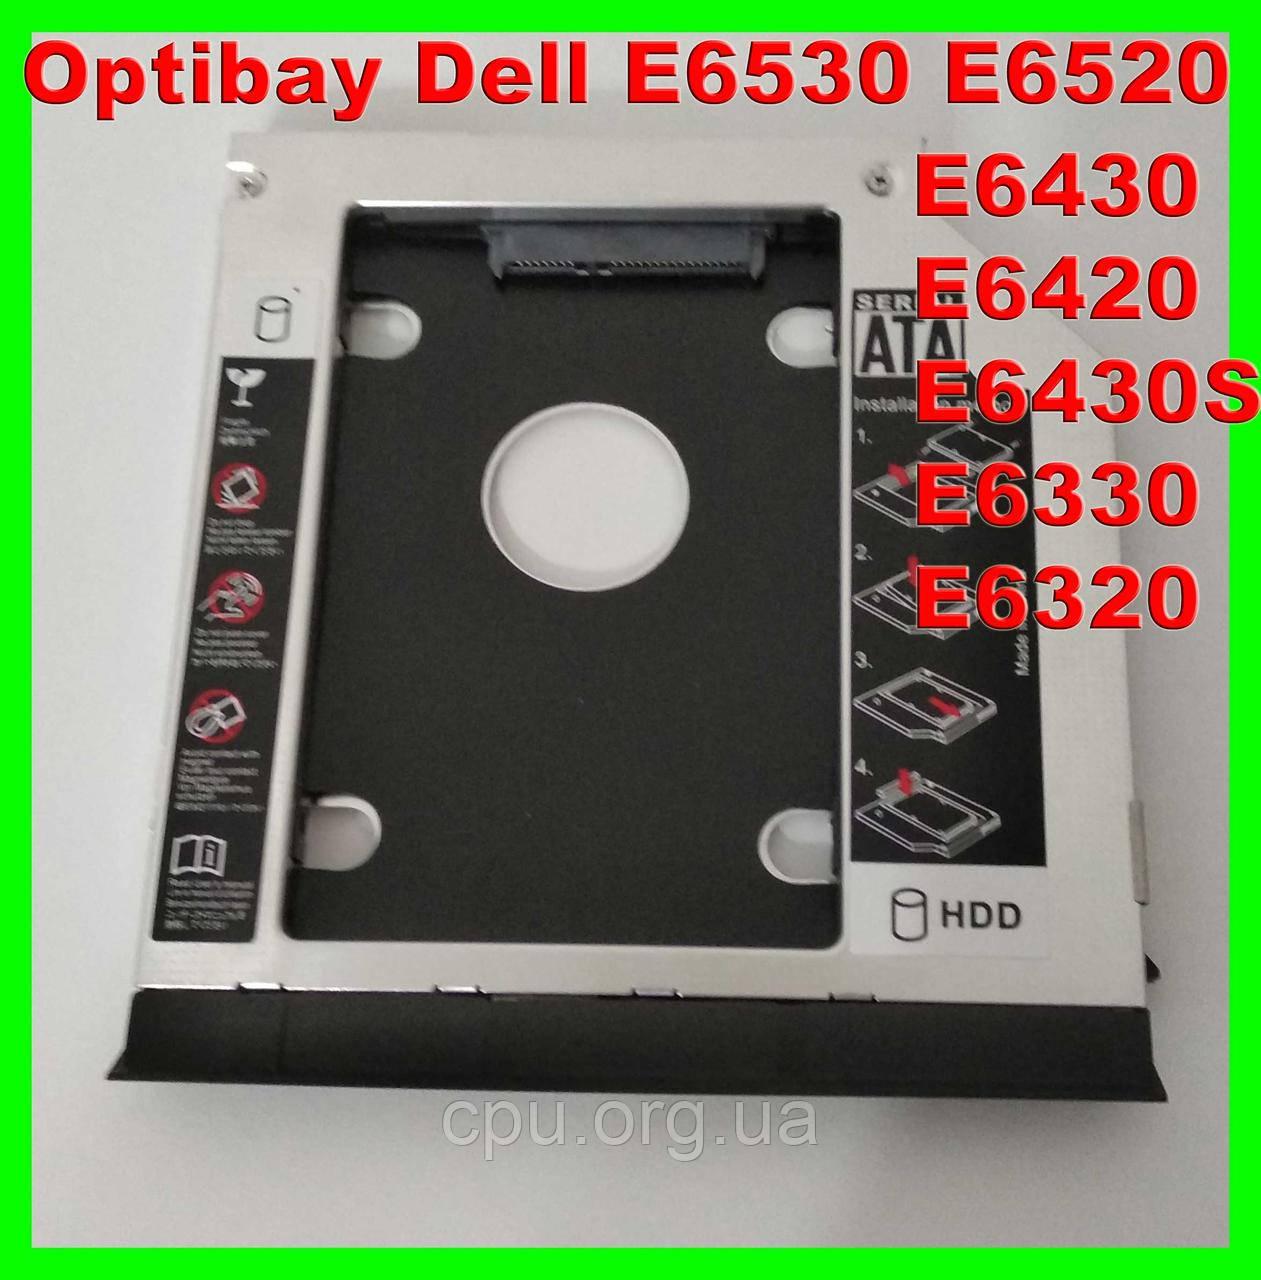 Dell Optibay c пластиковой заглушкой и замком 9.5мм для E6530, E6520, E6430, E6430S, E6420, E6320, E6330